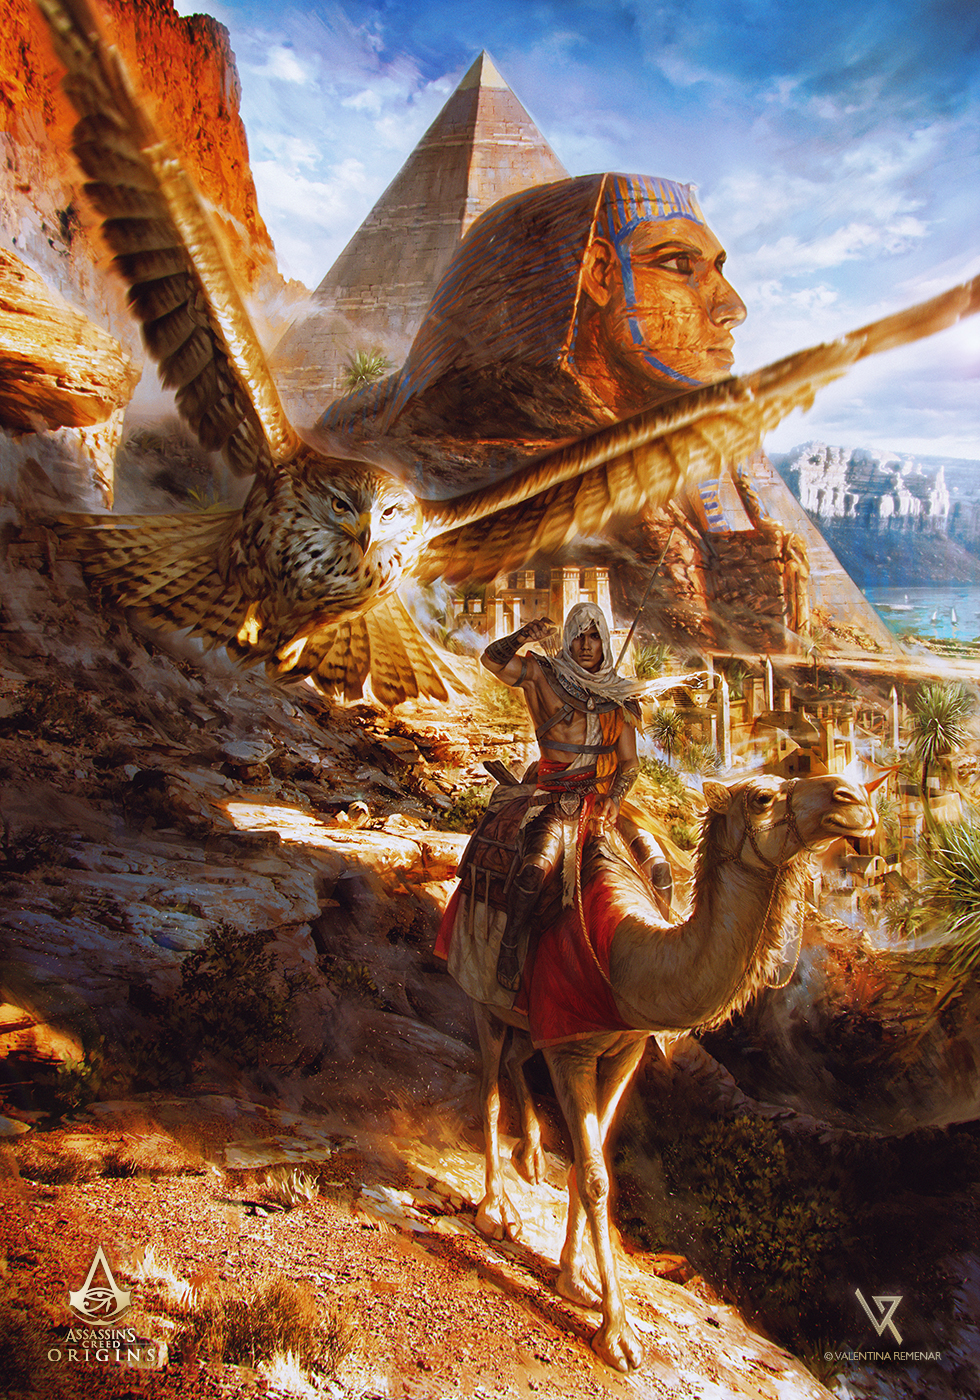 1511240057_3fb5aa3a2fda0bec27f2a9ebcc6cc05d-dbm0vfc.jpg - Assassin's Creed: Origins